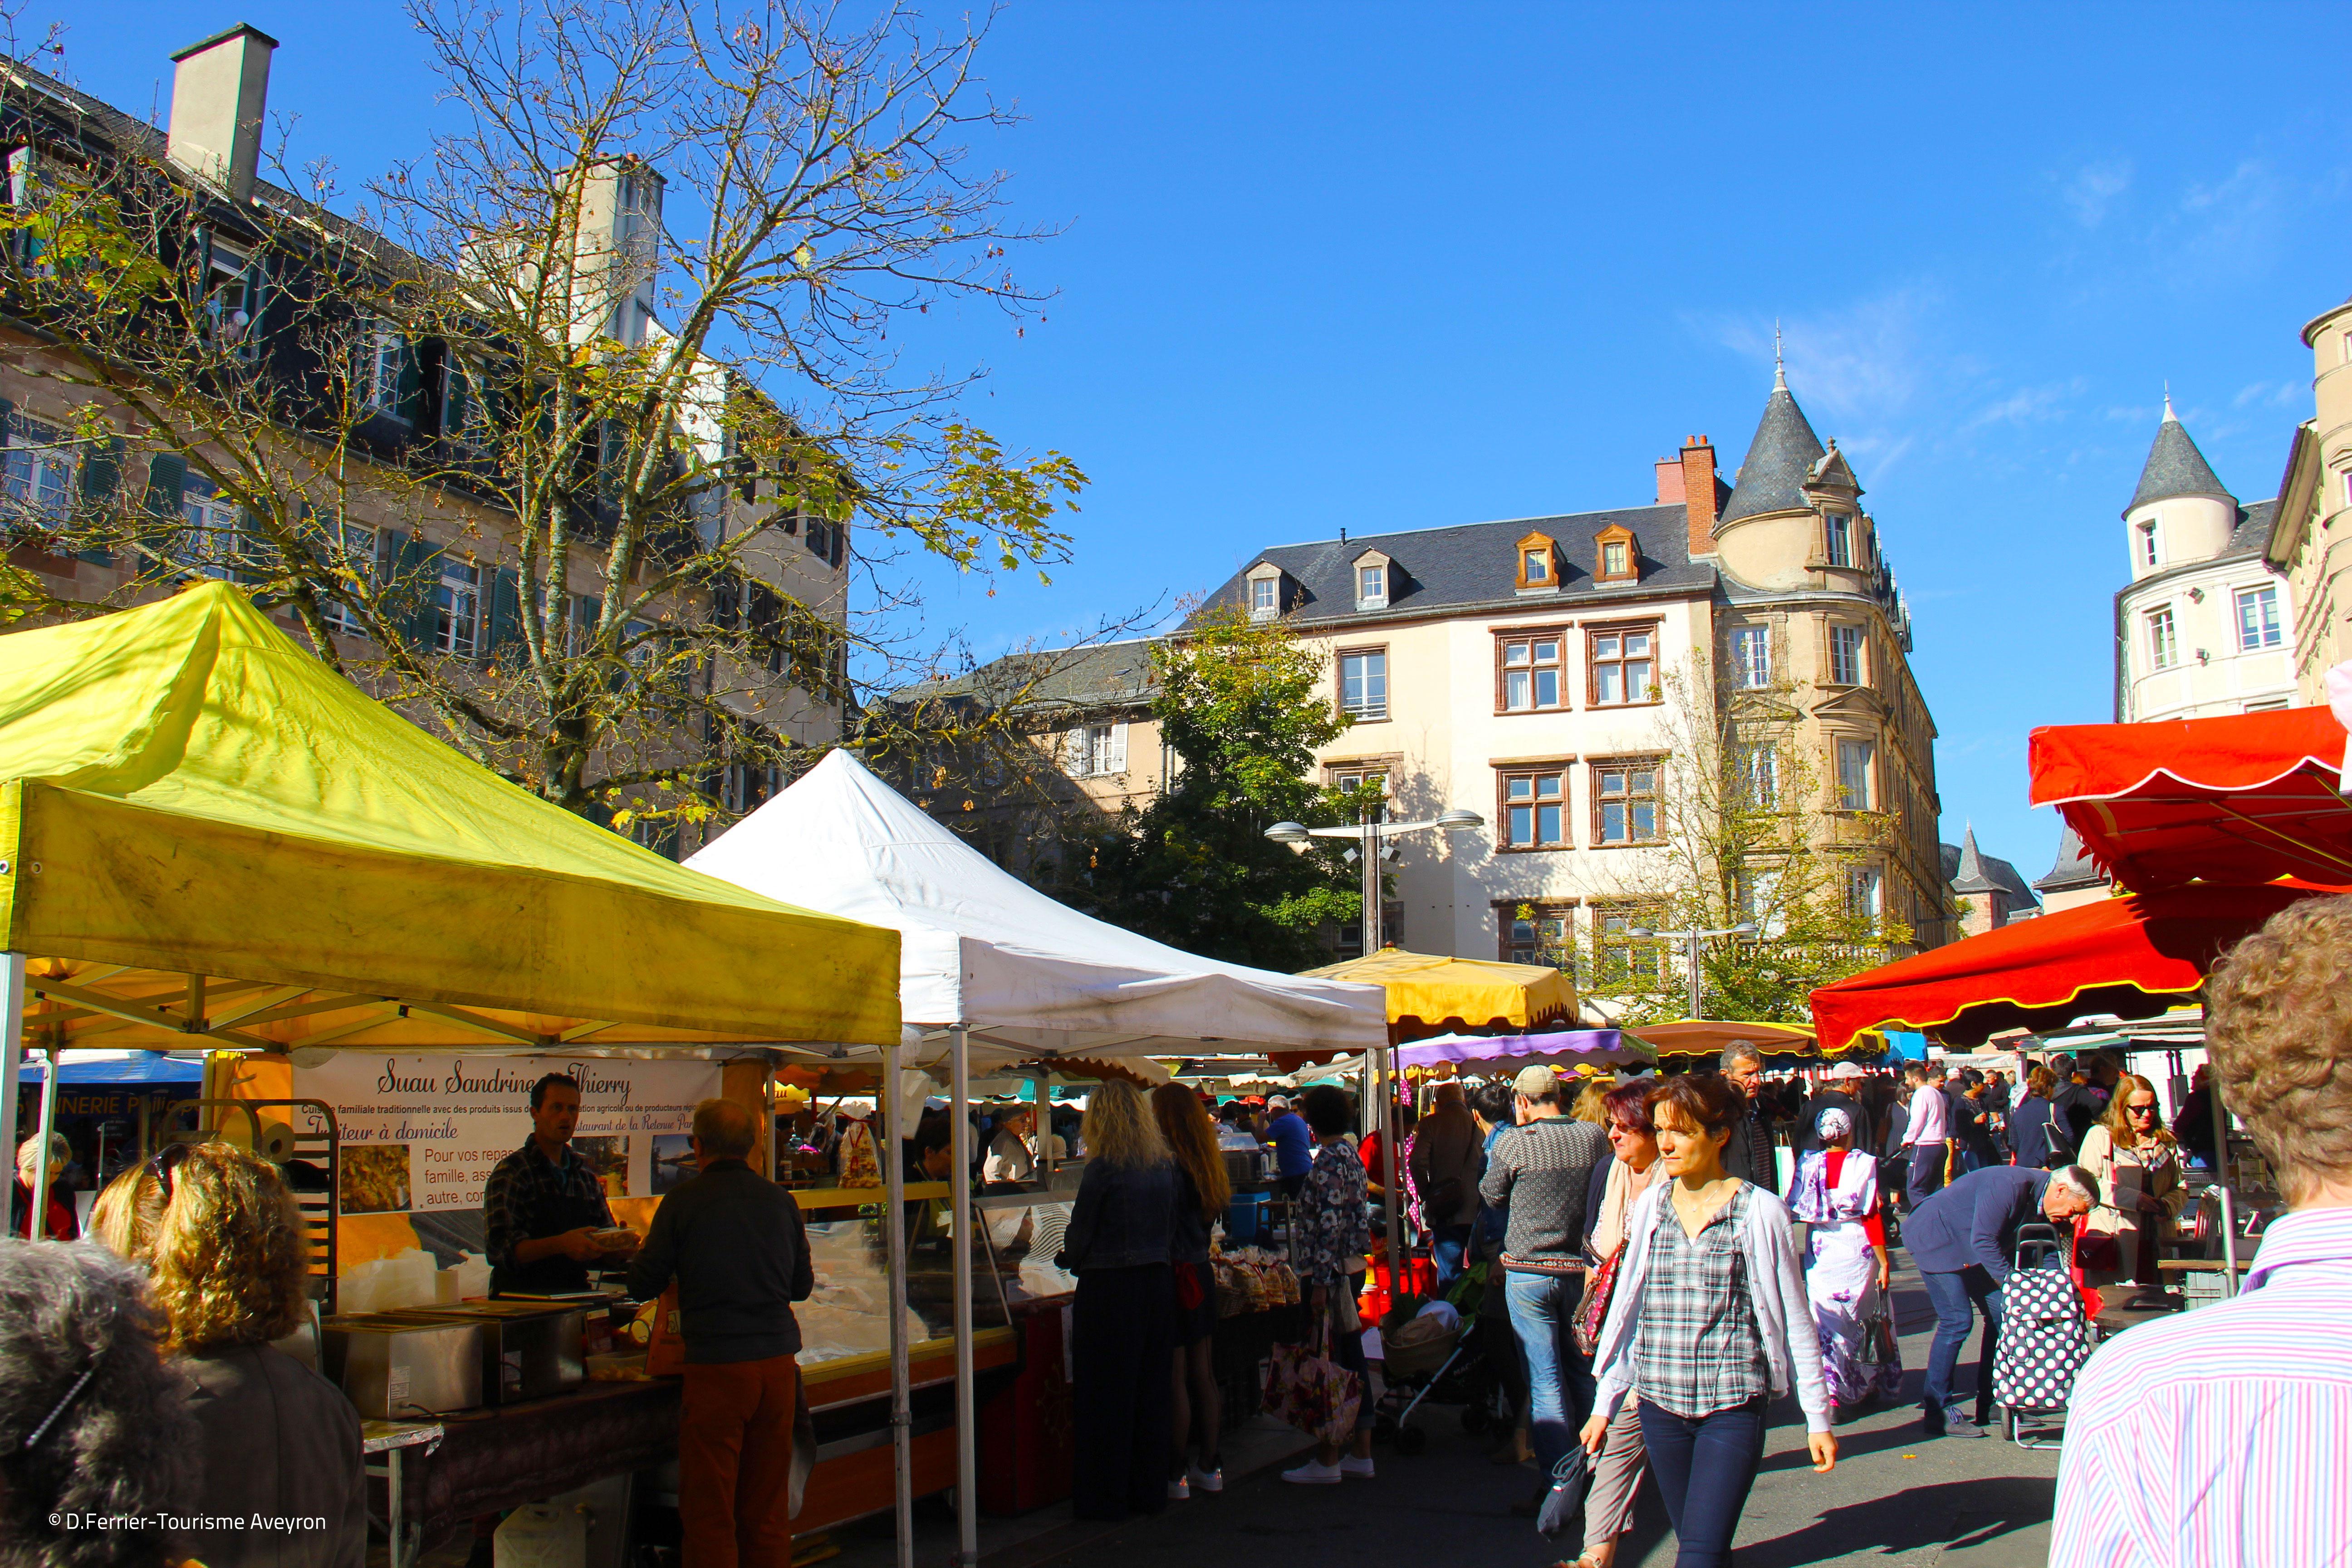 Etals, marché de Rodez, Aveyron © D.Ferrier - Tourisme Aveyron